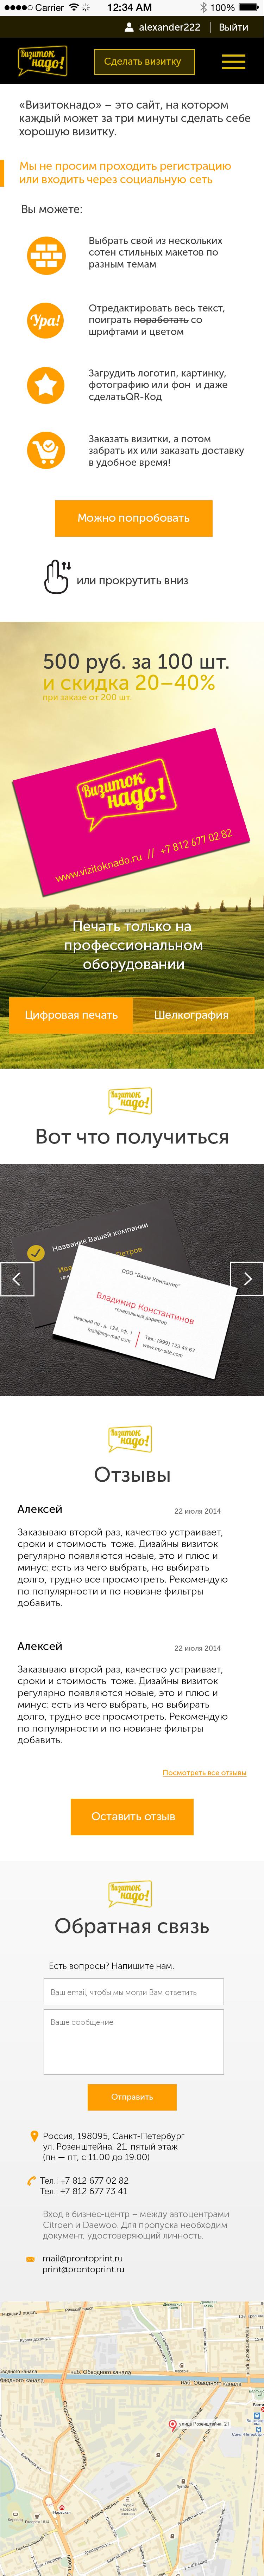 Интернет сервис визиток